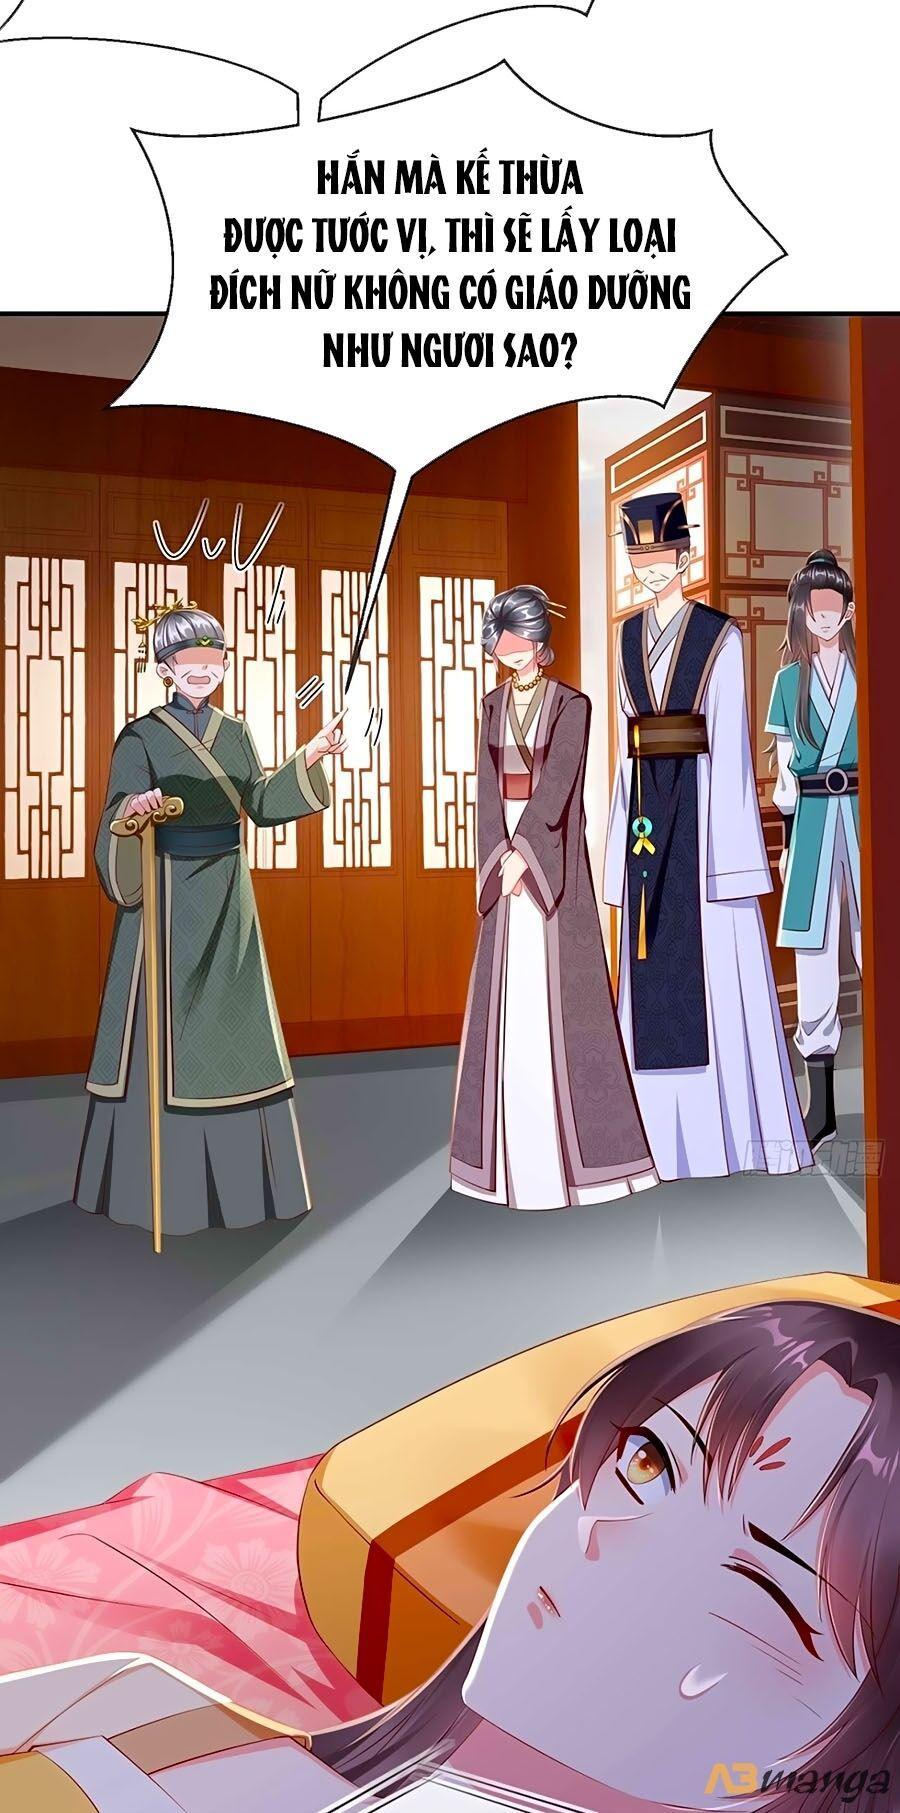 Vương Phi Là Đoá Bạch Liên Hoa: Chapter 4